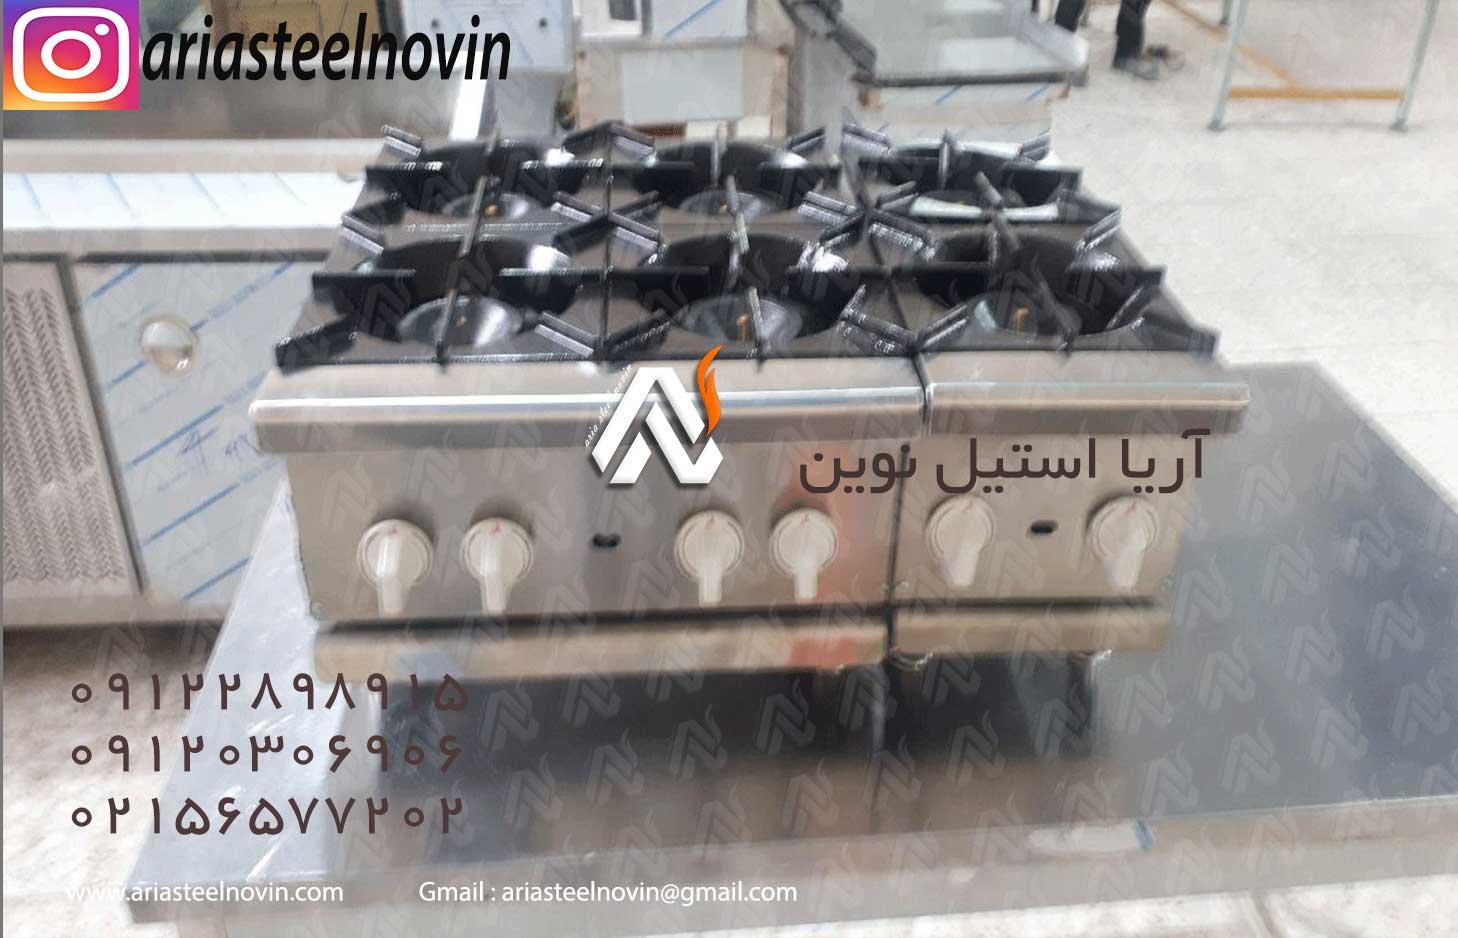 اجاق-دو-شعله-رومیزی-صنعتی و اجاق چهار شعله رومیزی صنعتی